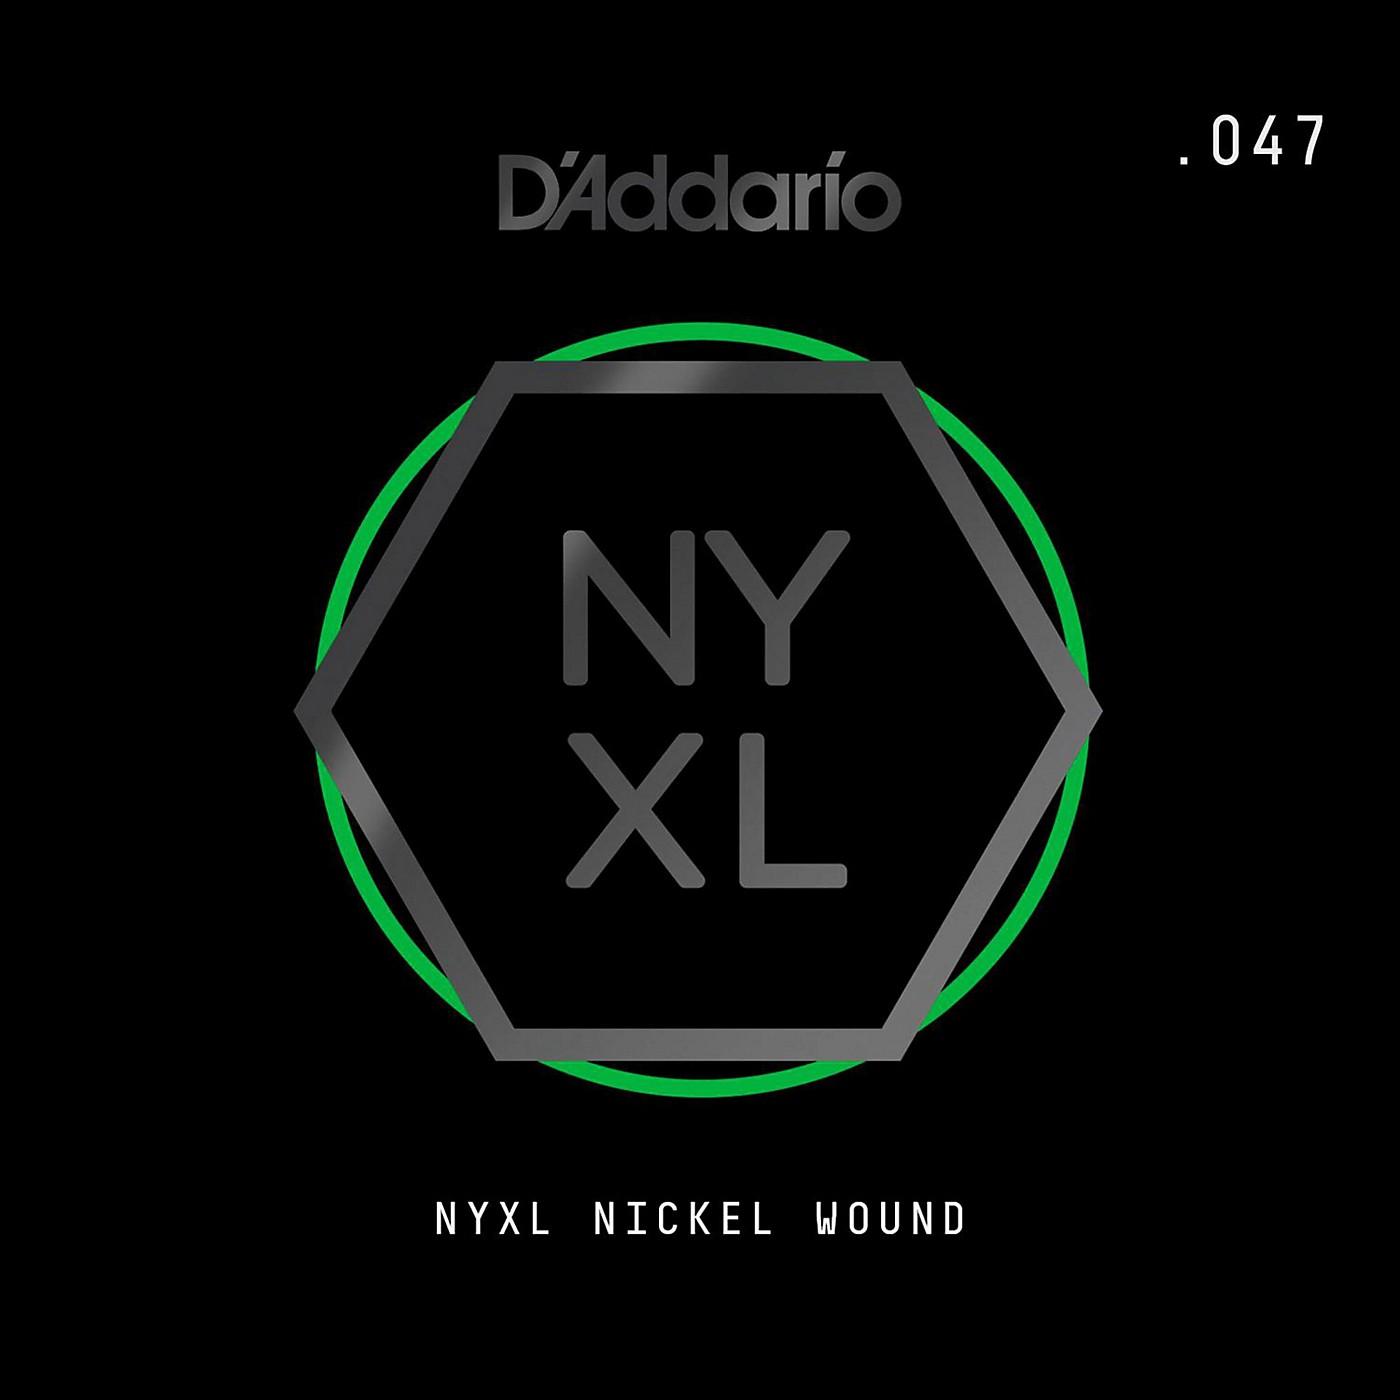 D'Addario NYNW047 NYXL Nickel Wound Electric Guitar Single String, .047 thumbnail